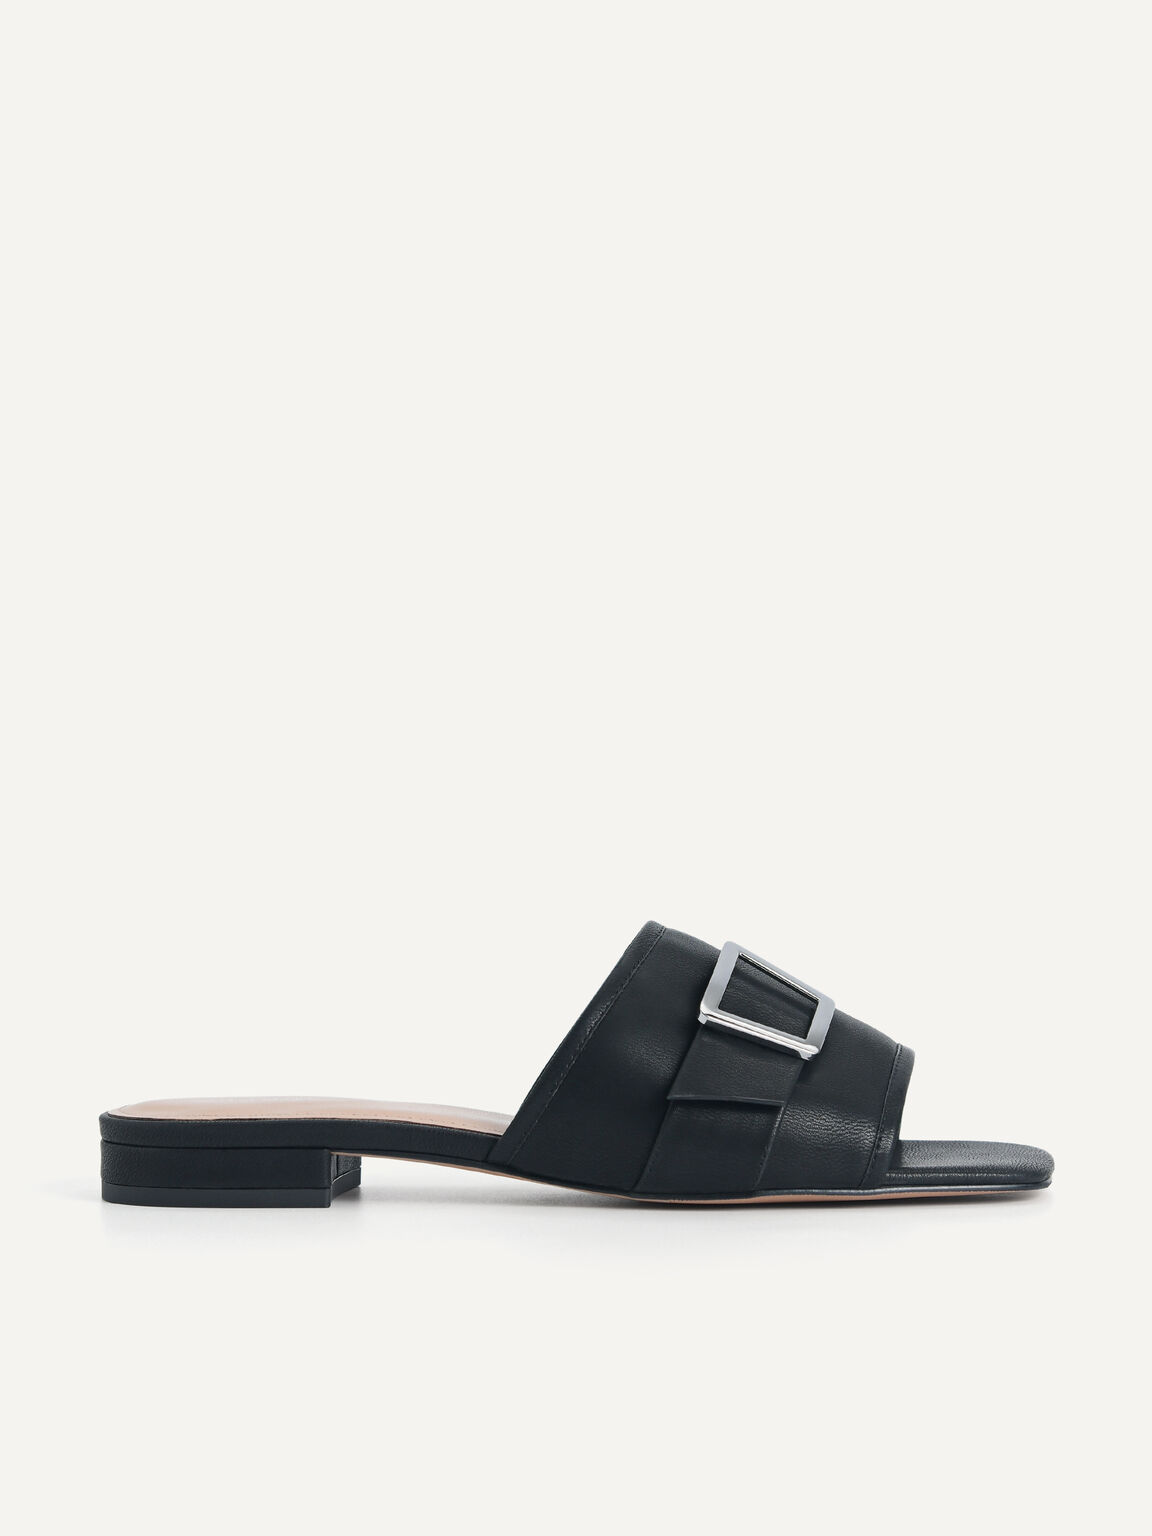 Buckle Slide Sandals, Black, hi-res